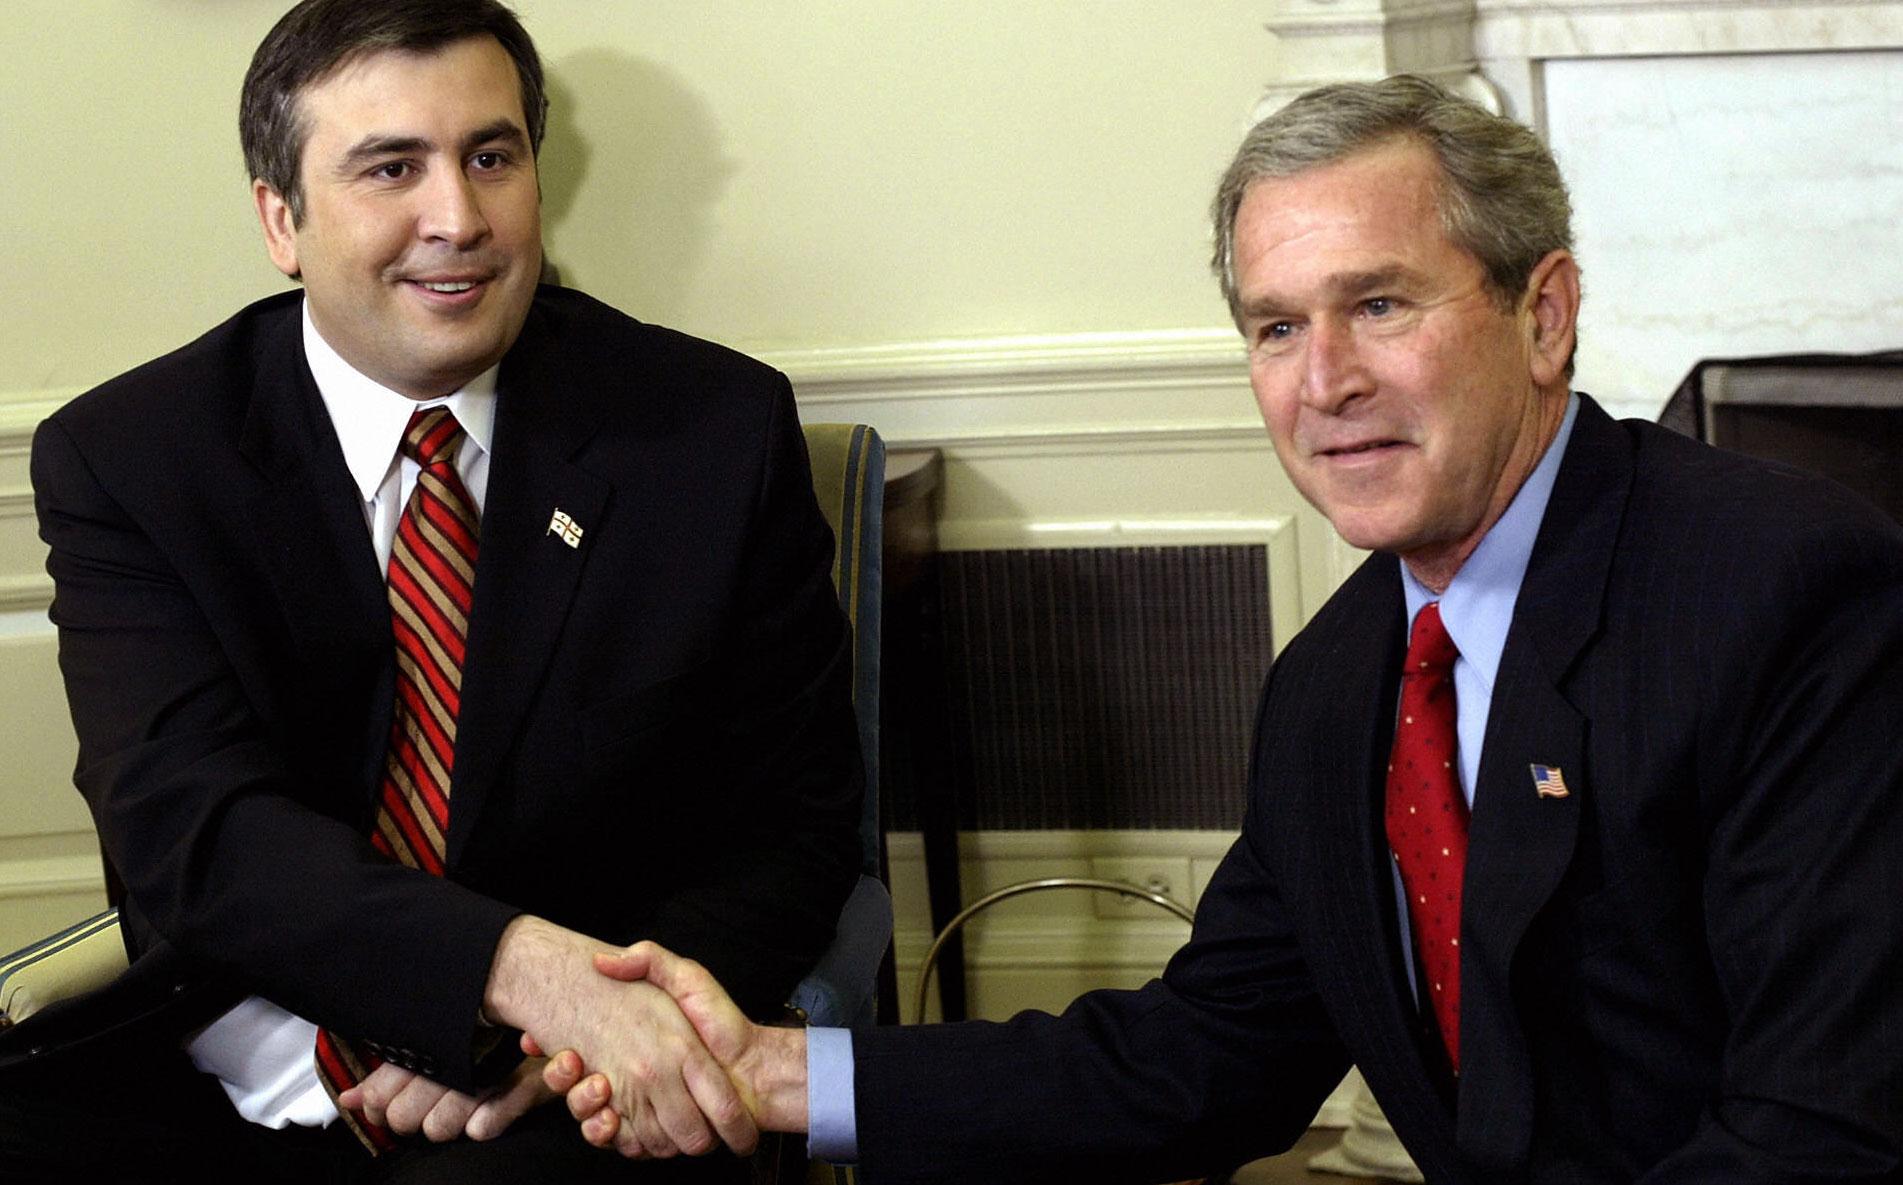 Mikhail Saakashvili and George W. Bush